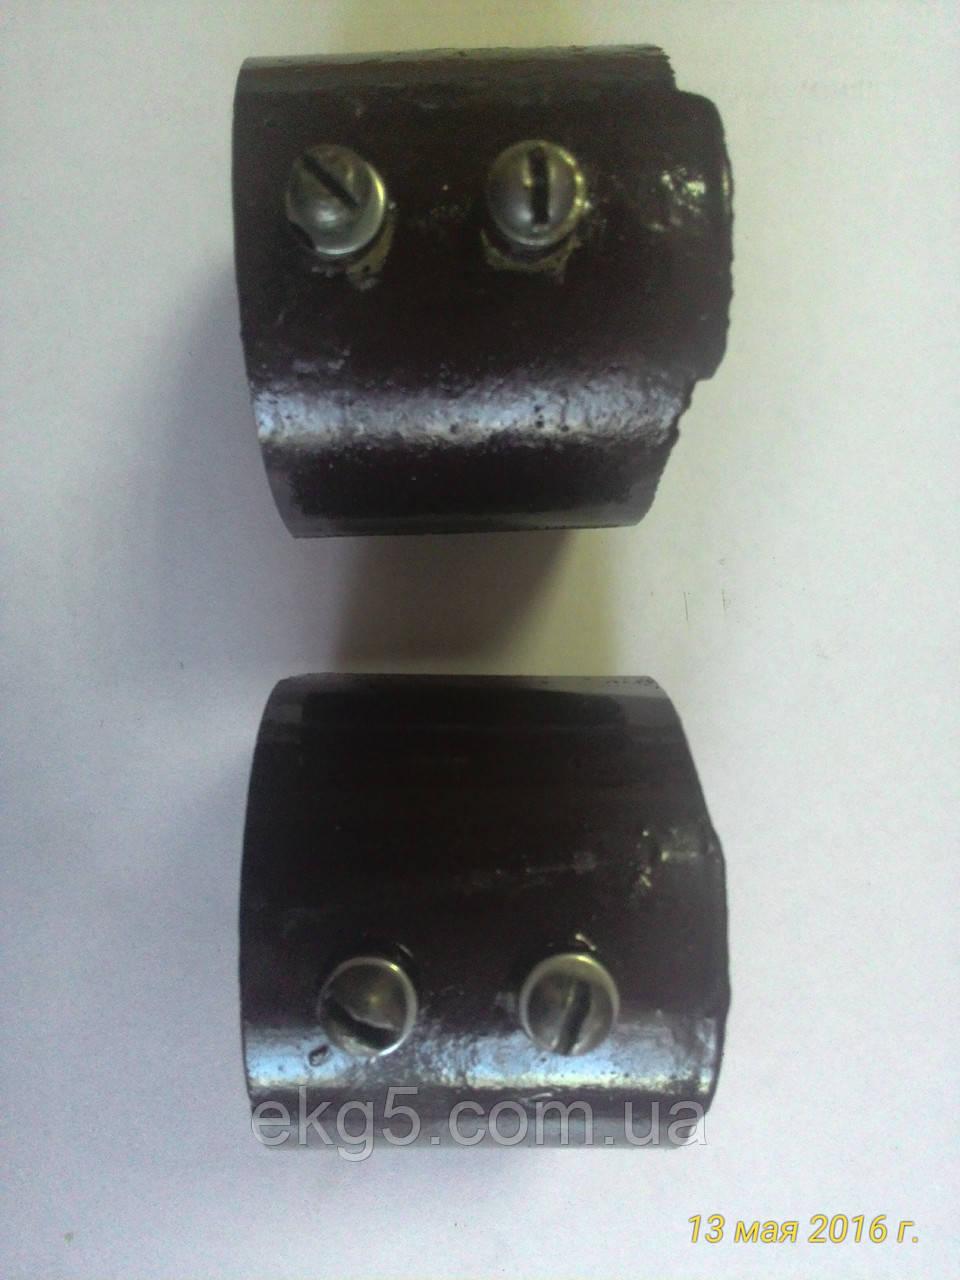 Электромагнитные катушки 75В на Электропневмовентель ВВ-32